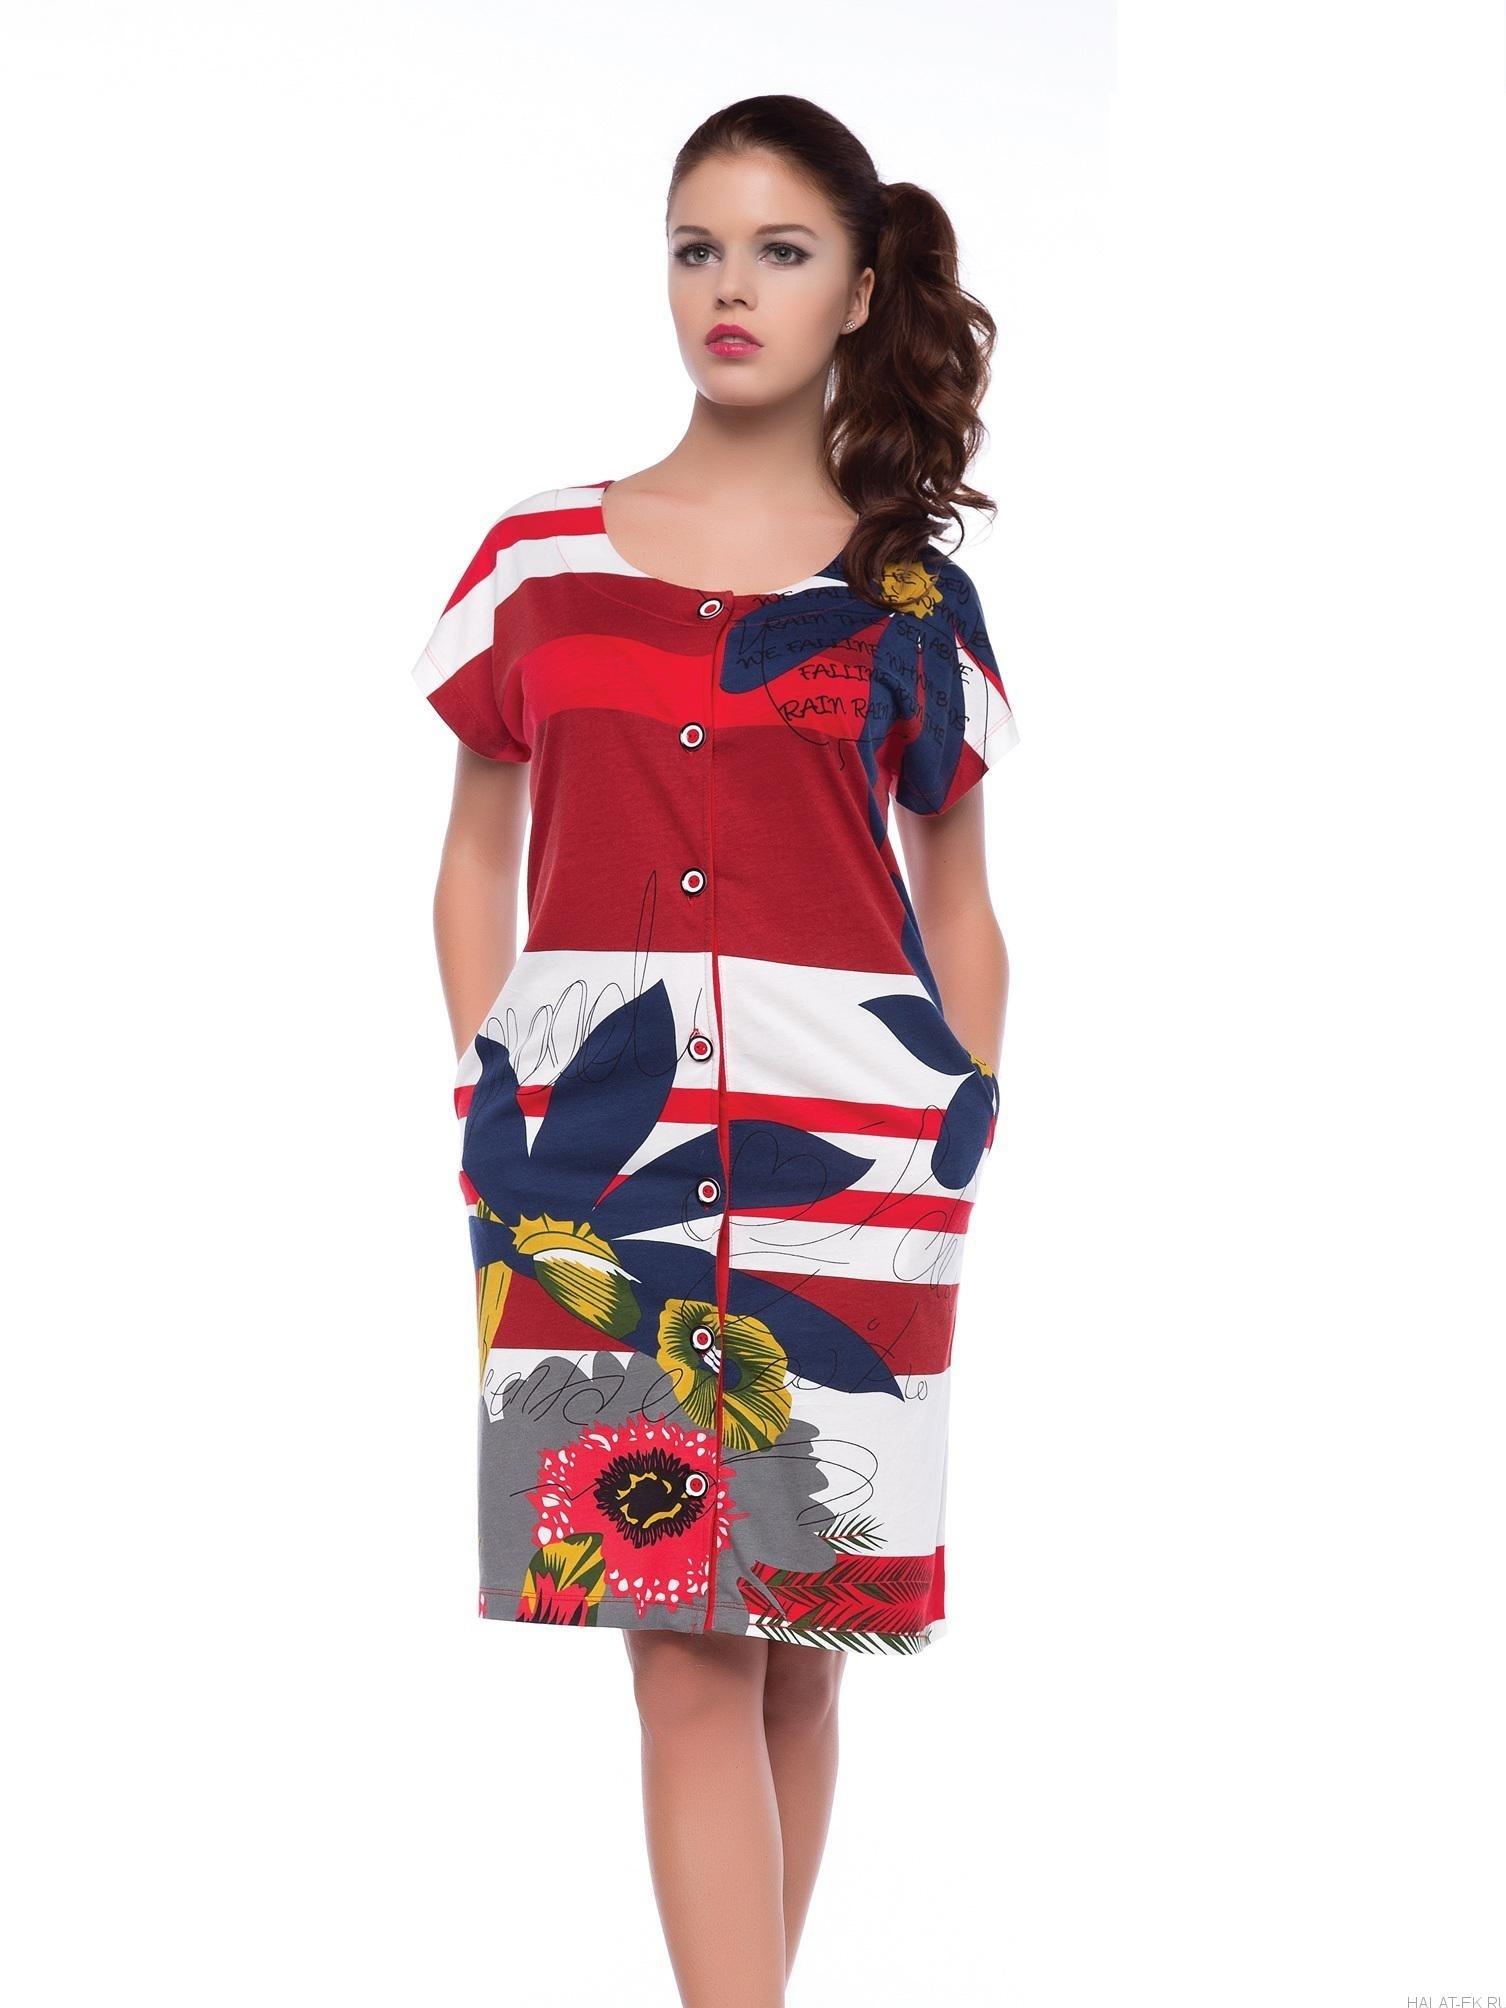 6da4e541013c8 Новости » Как выбрать домашний халат?